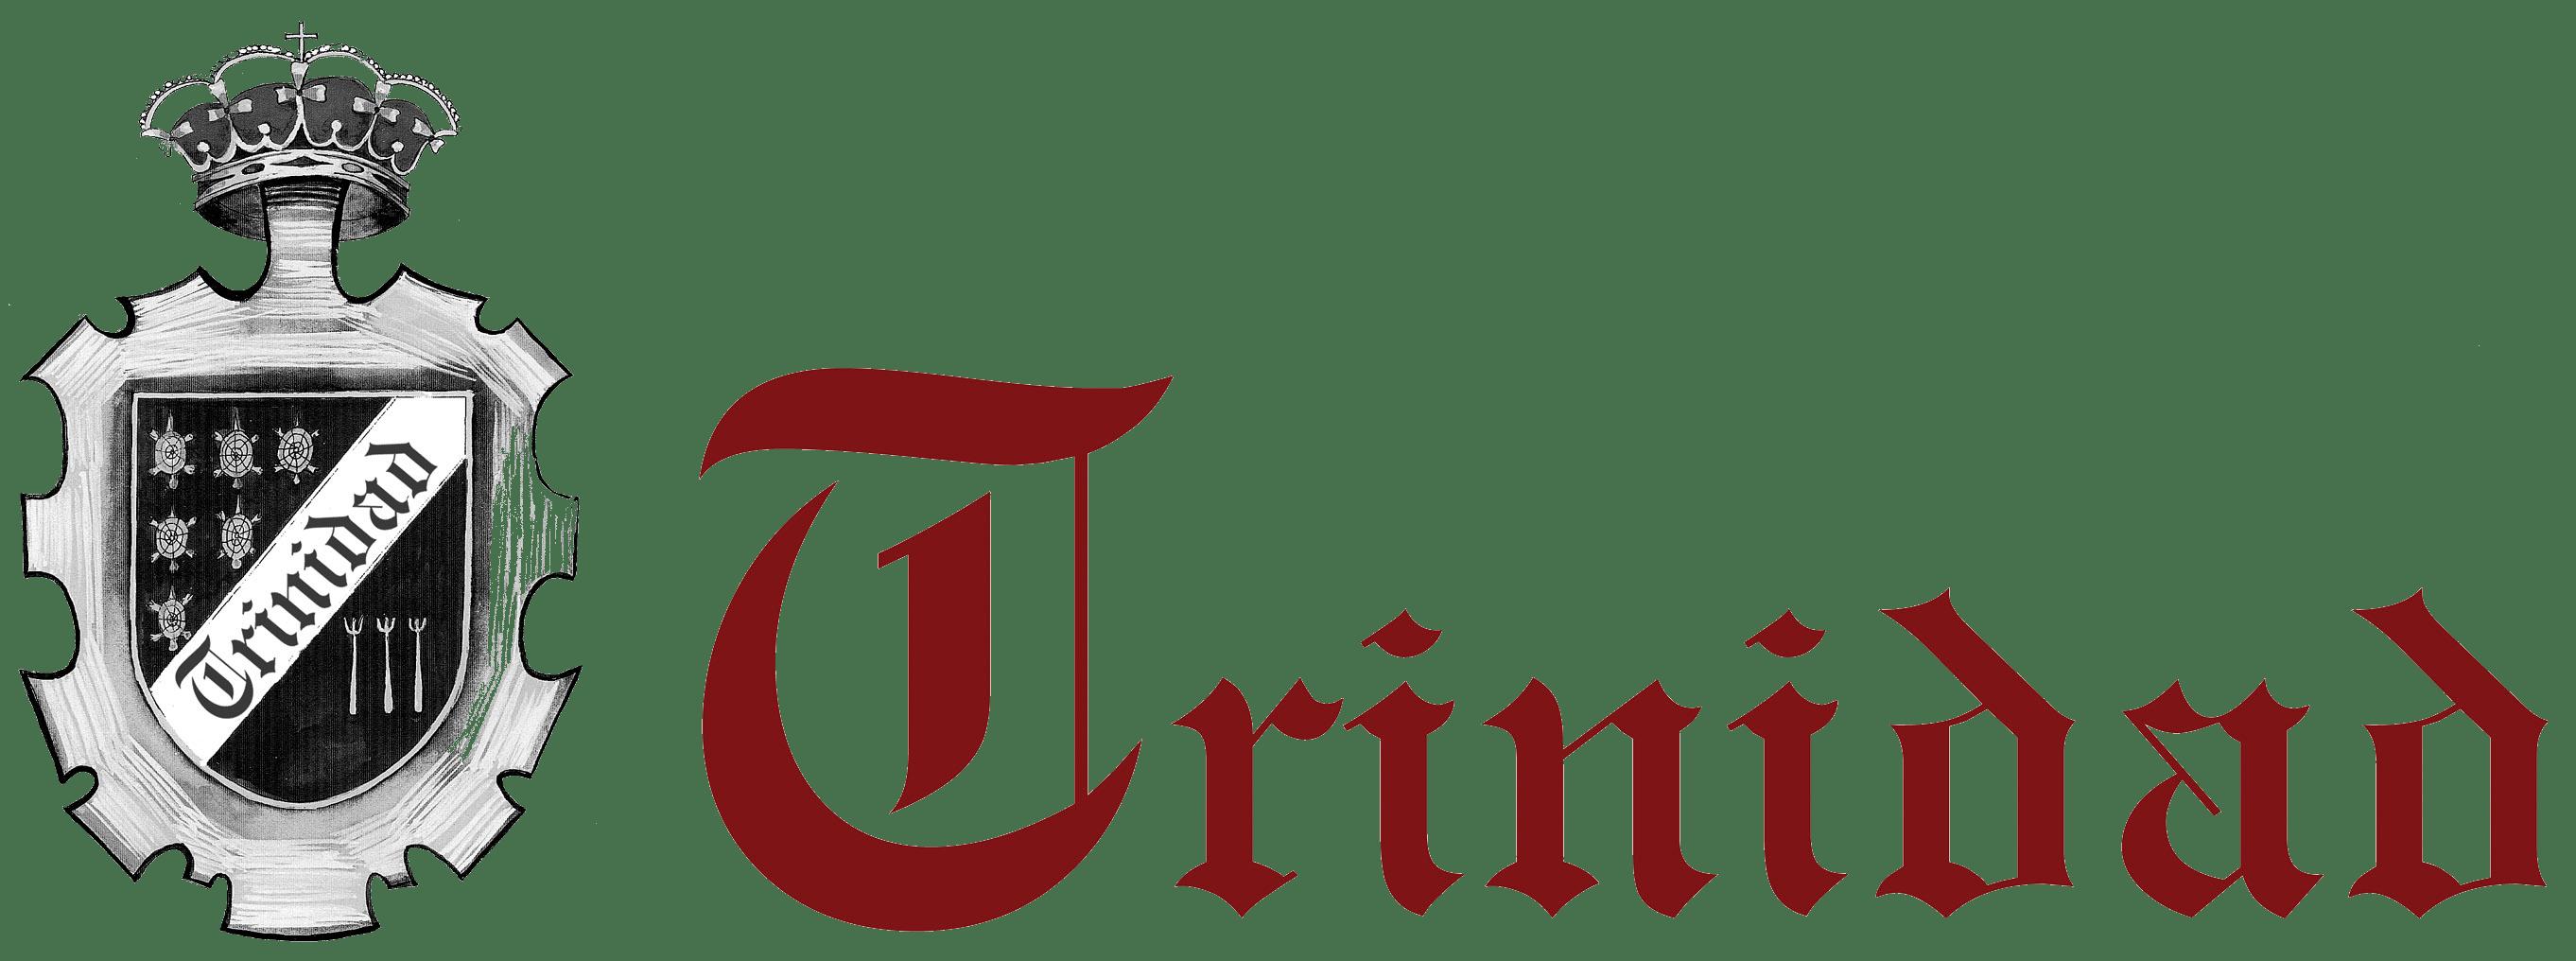 Logo Trinidad Finca celebraciones de bodas, banquetes y eventos para empresas